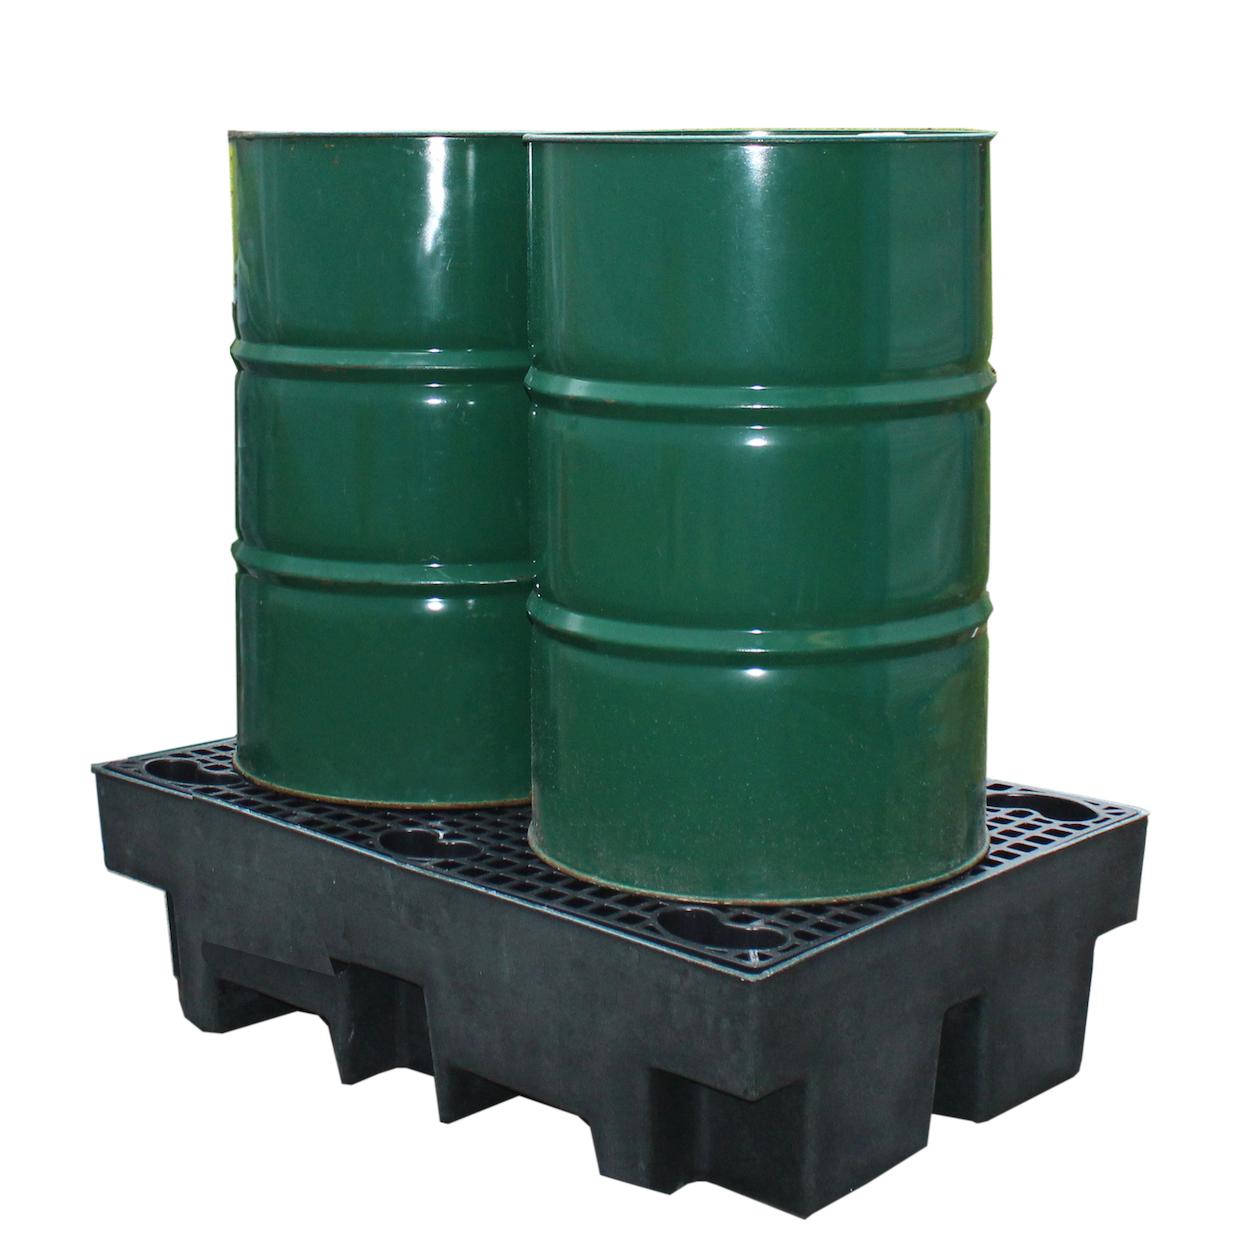 Černá záchytná vana pro 2 sudy - ekonomická varianta